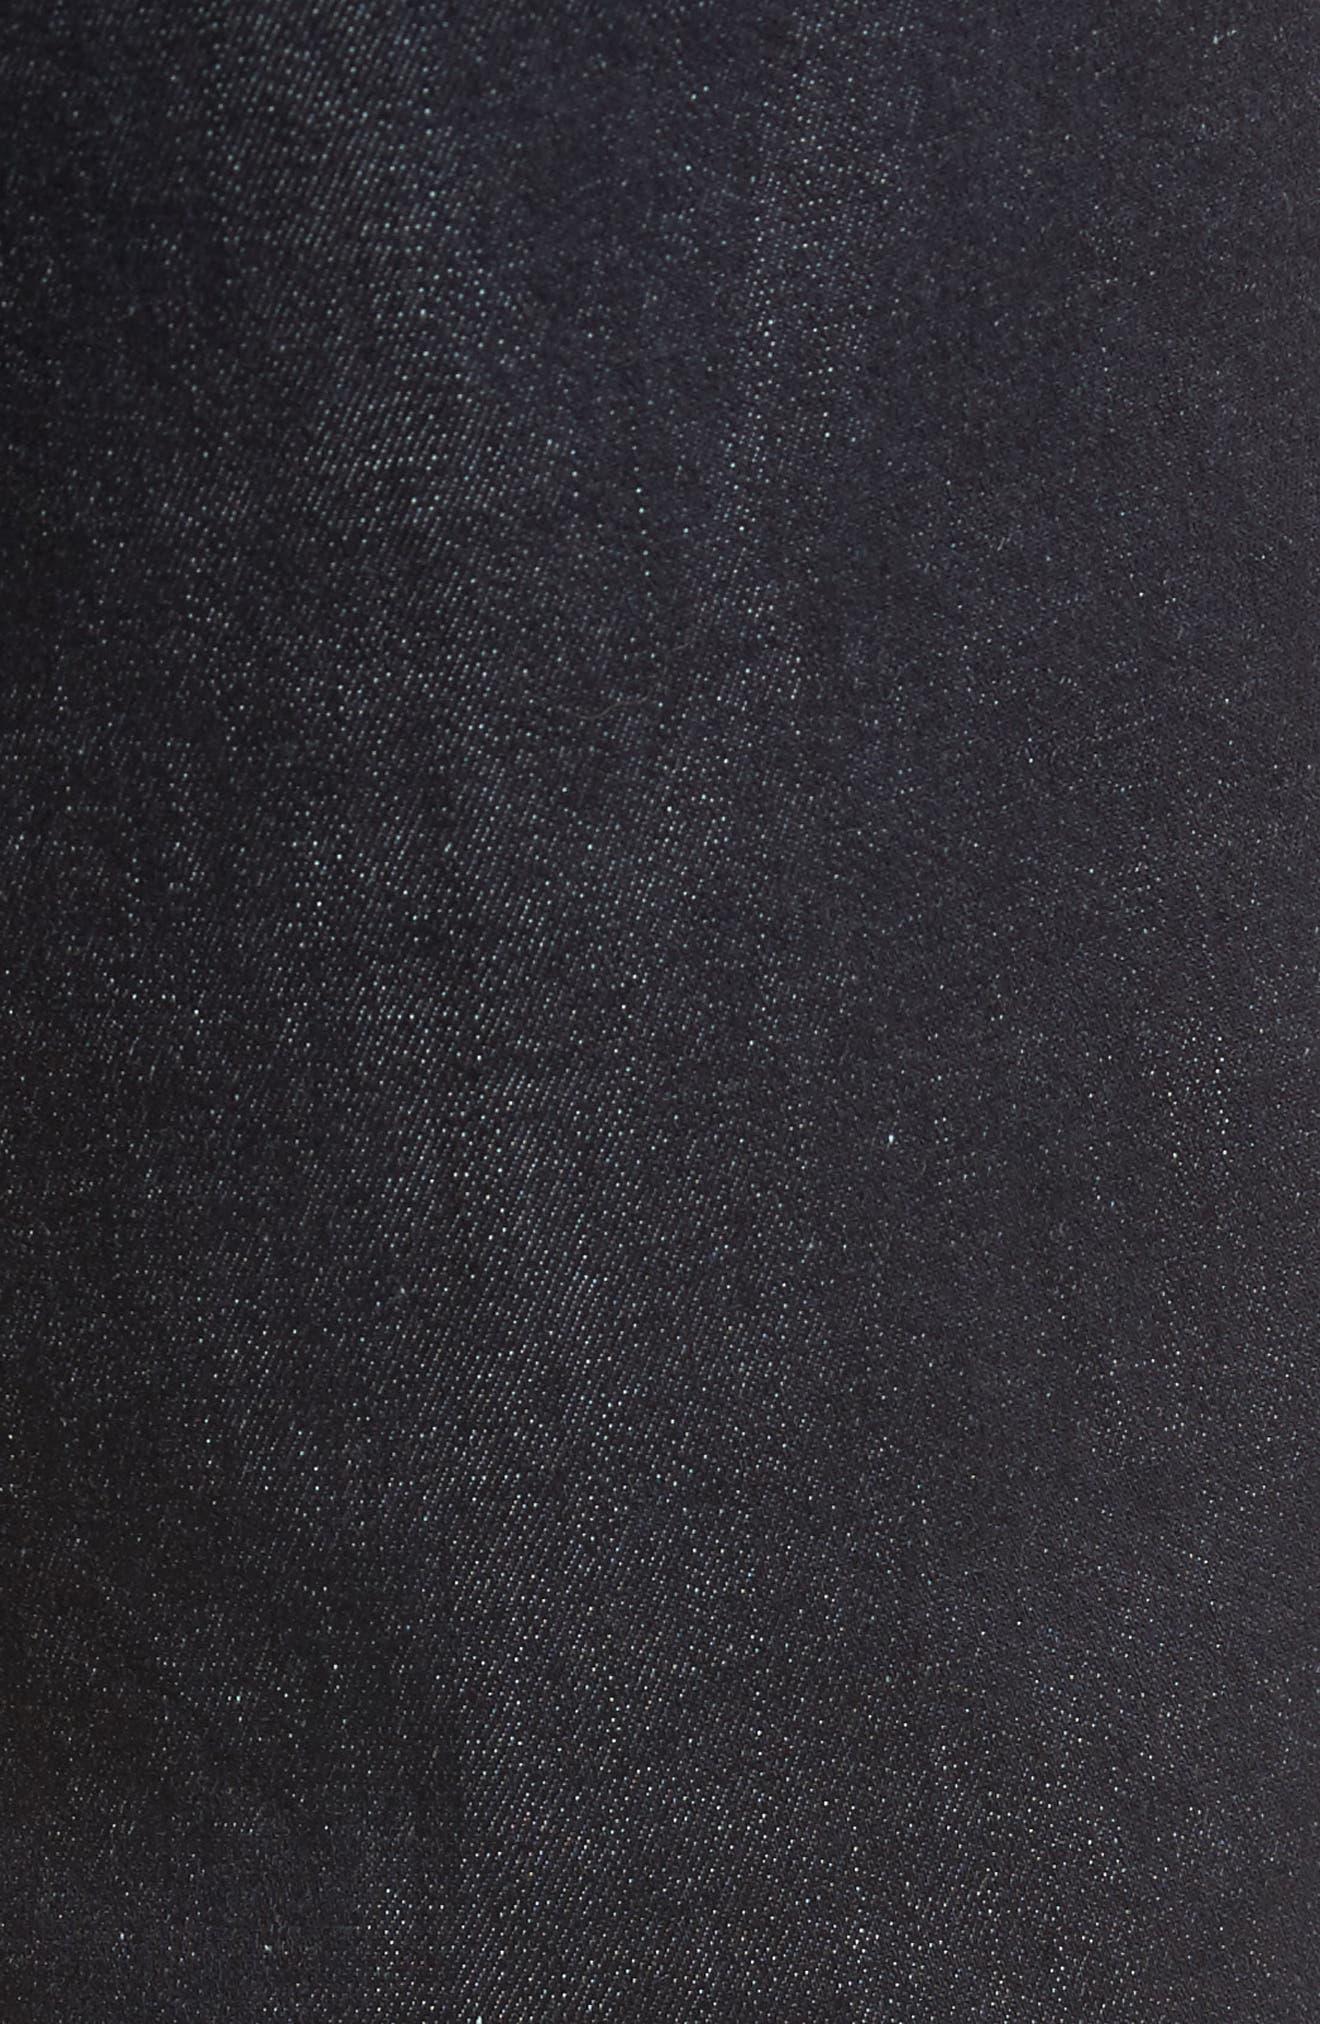 Slim Slim Fit Jeans,                             Alternate thumbnail 5, color,                             NUHOLLIS